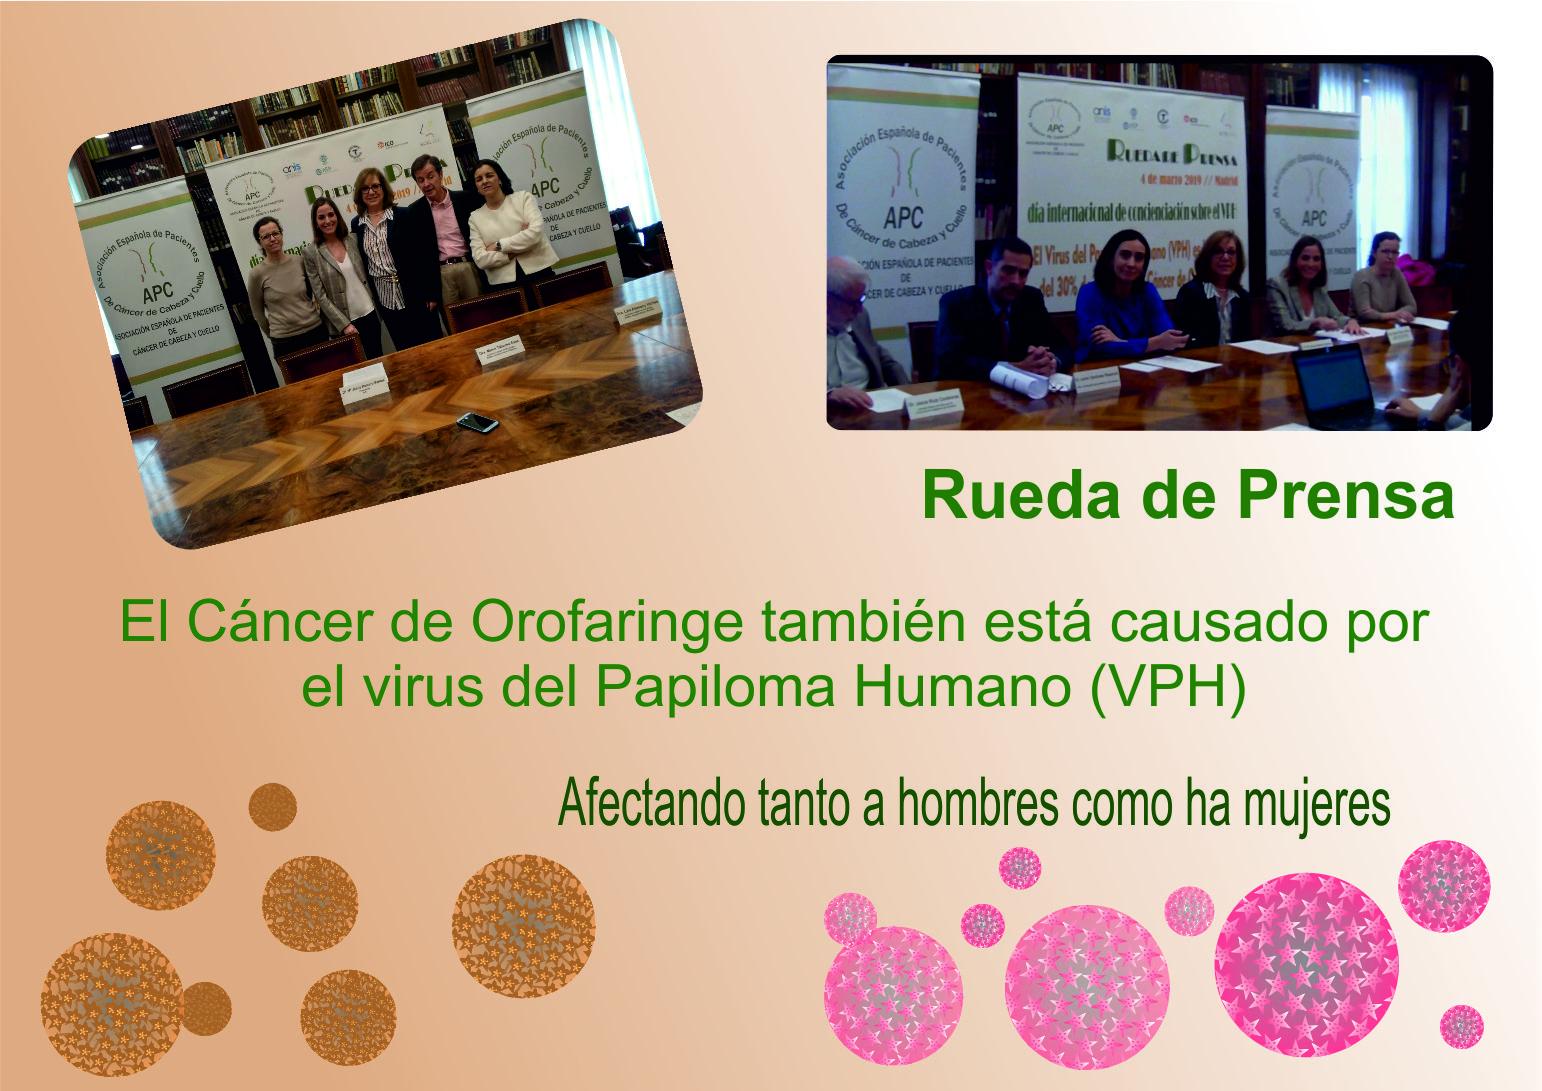 Virus del Papiloma Humano - VPH causa cancer oral